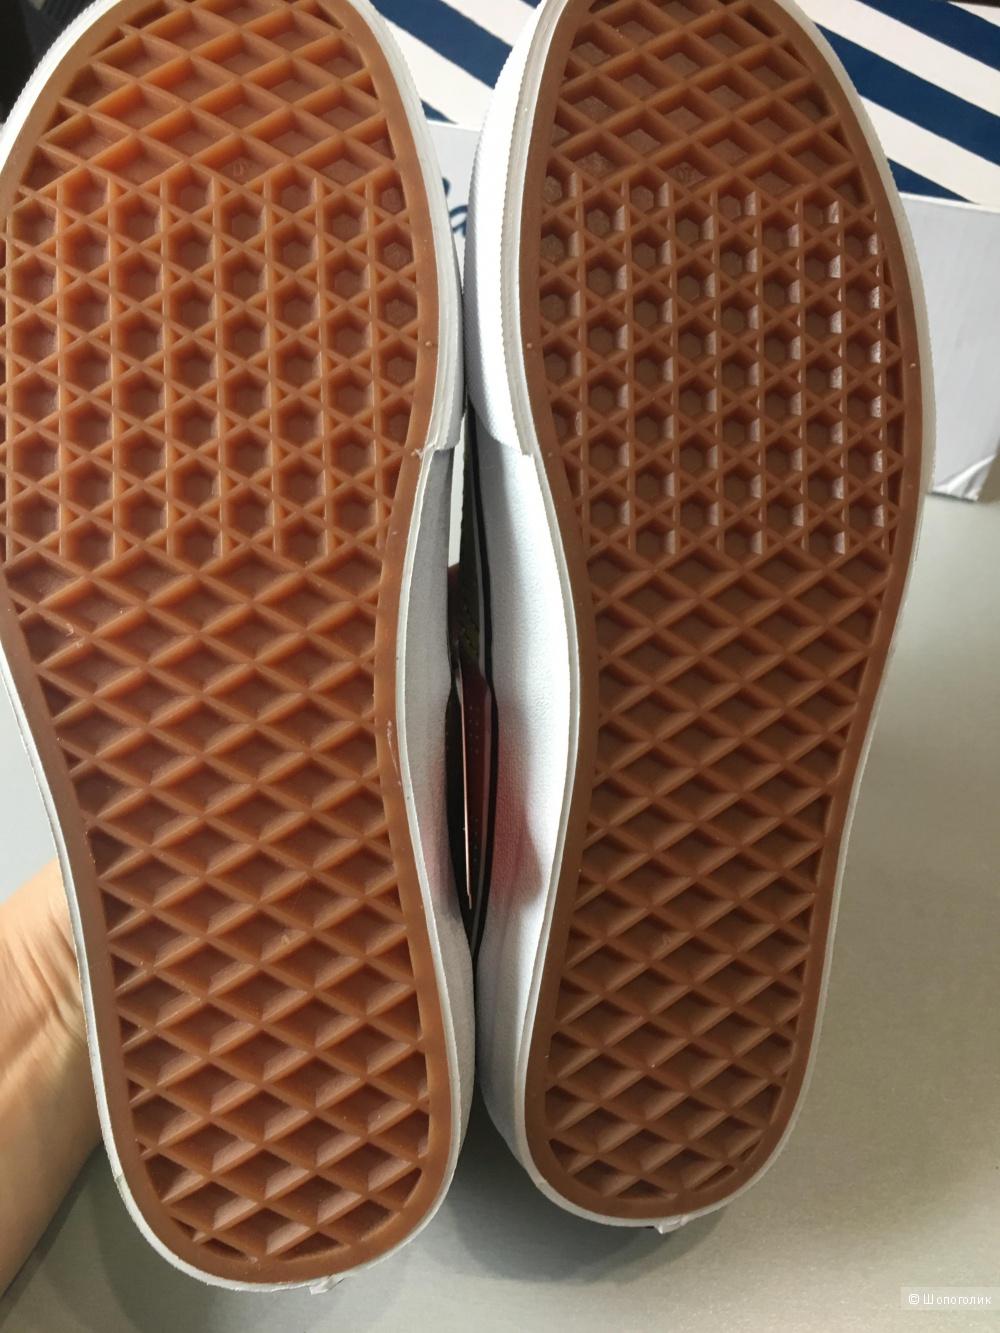 Кожаные кеды VANS, 36.5 (Европейский Размер) дизайнер:6.5 (US). 23 см по стельке.